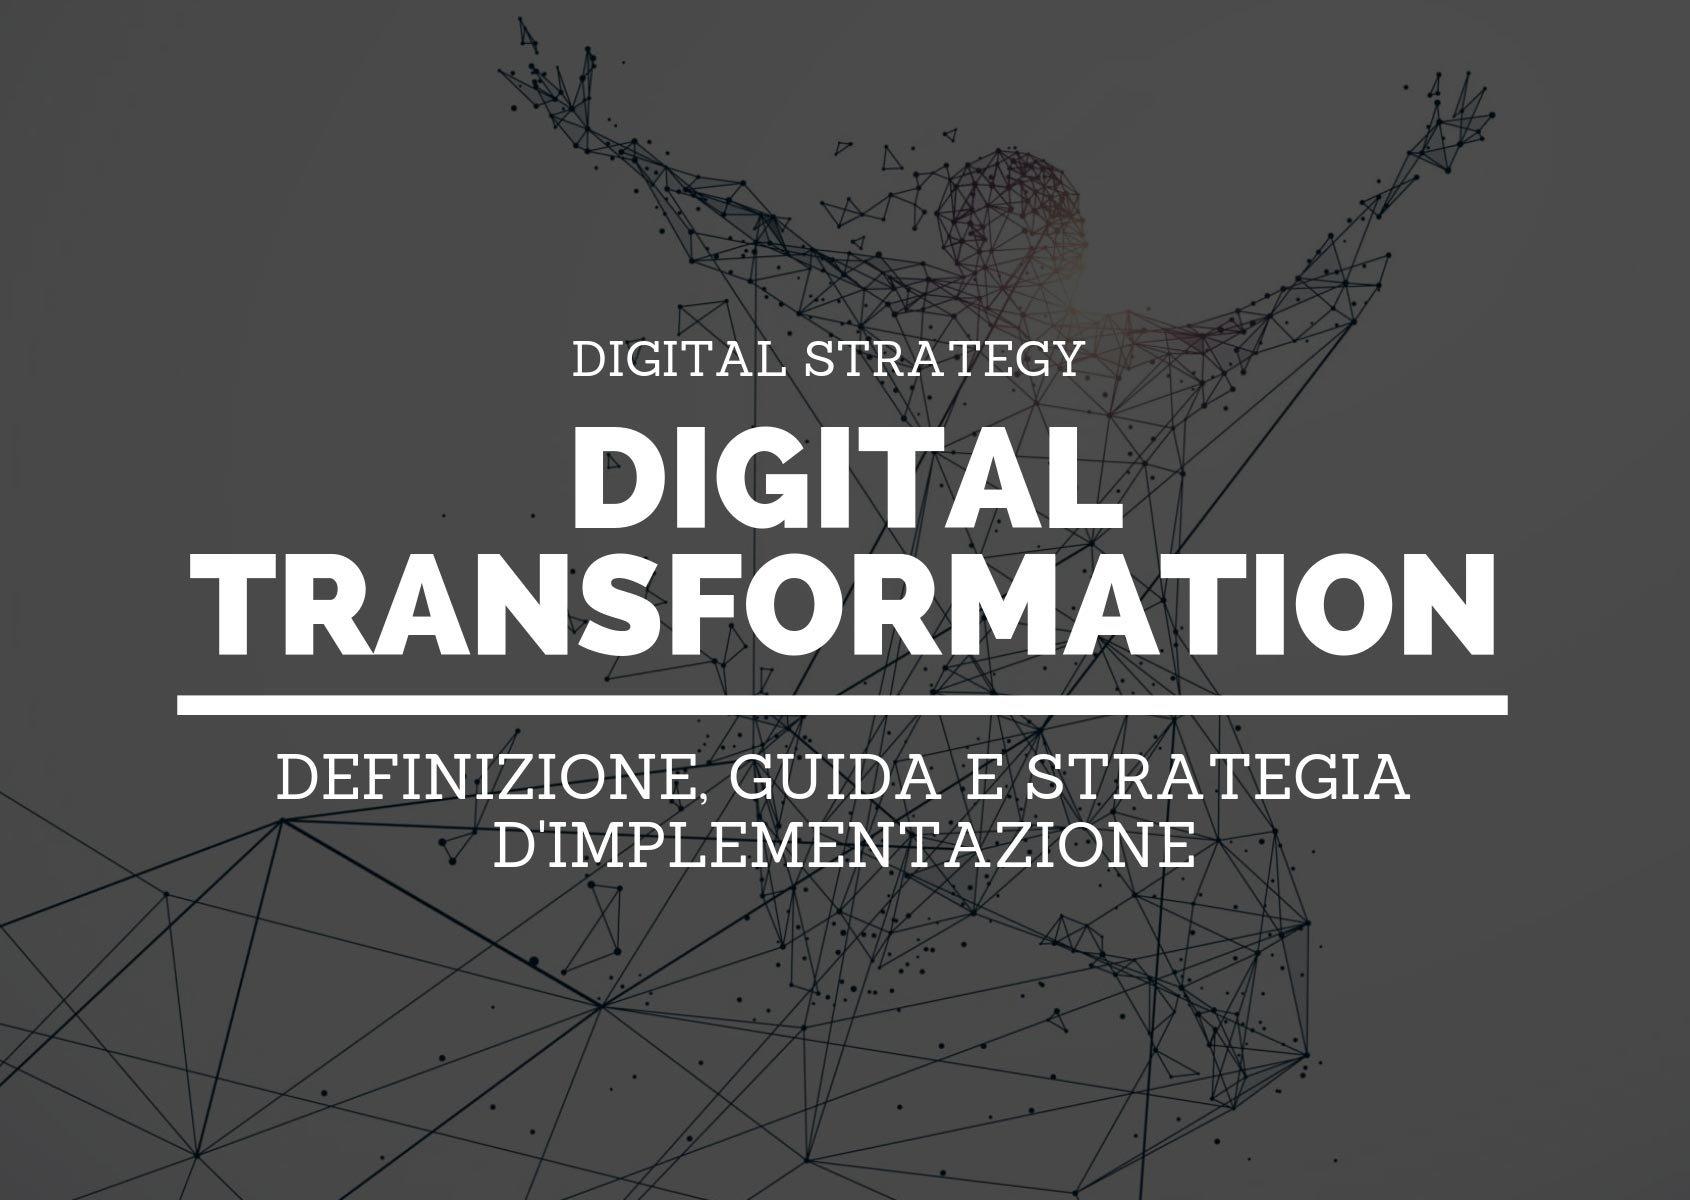 Digital transformation: definizione, guida e strategia d'implementazione